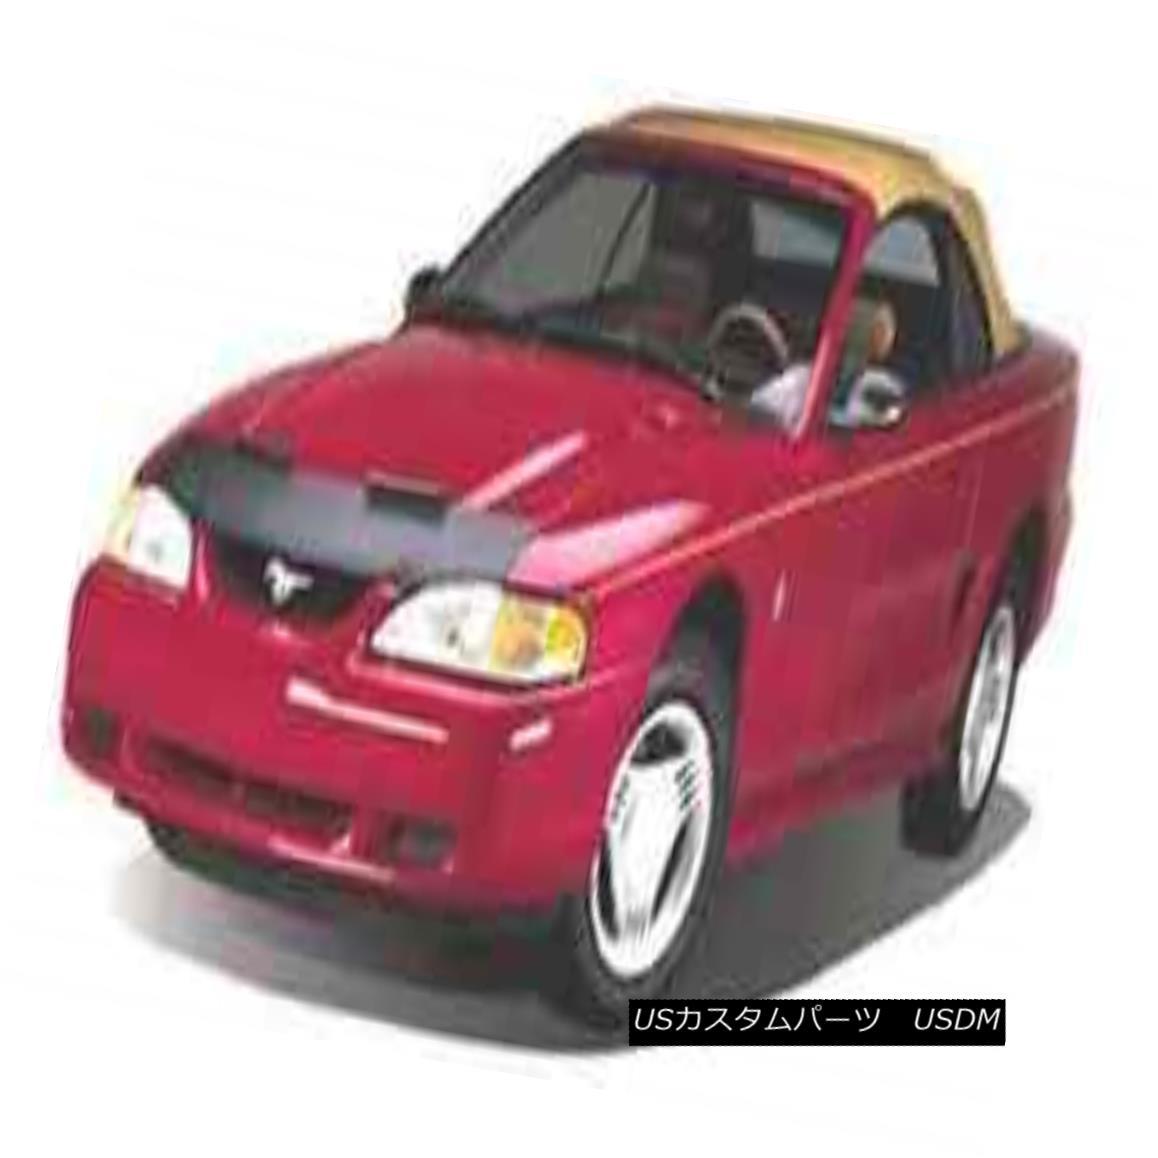 フルブラ ノーズブラ Mini Mask Bra Hood cover Fits Toyota RAV4 2006-2008 06 07 08 ミニマスクブラジャーフードカバーフィットトヨタRAV4 2006-2008 06 07 08